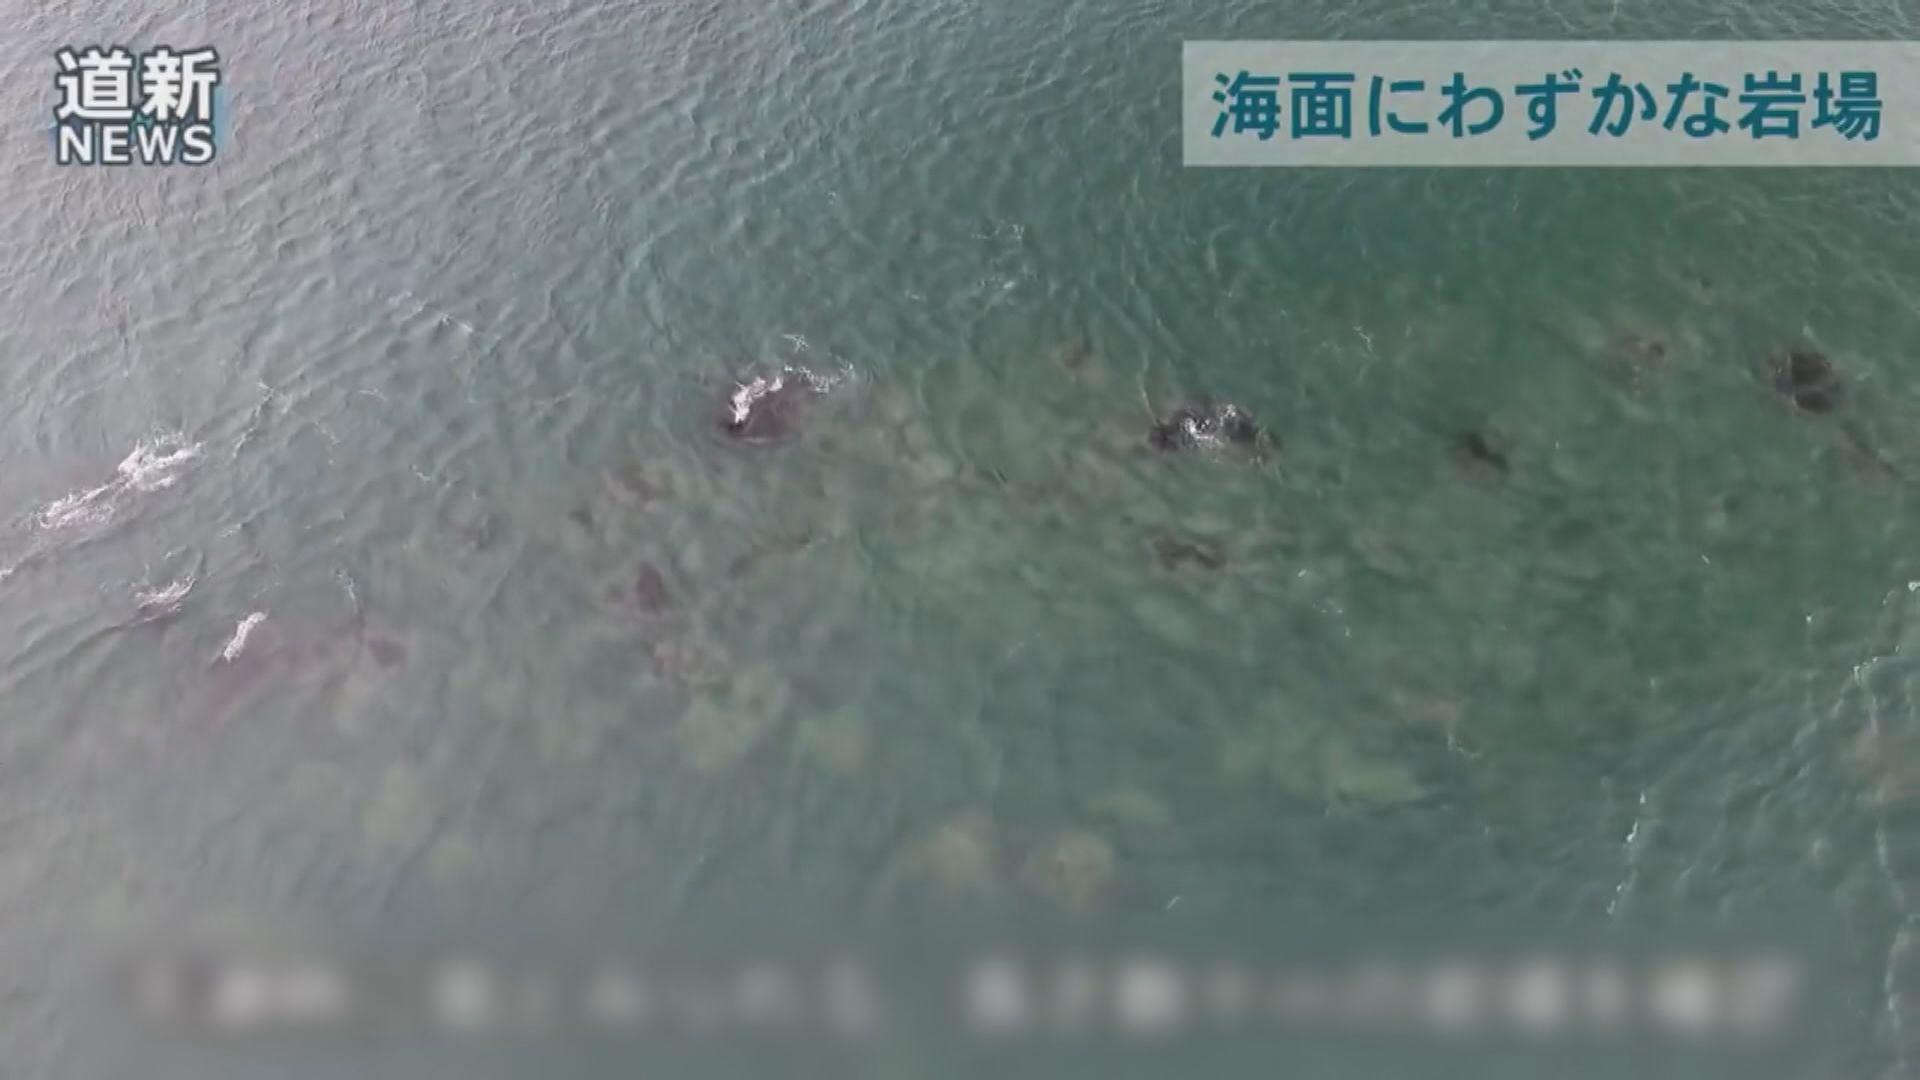 【環球薈報】北海道鼻北小島降格為淺灘